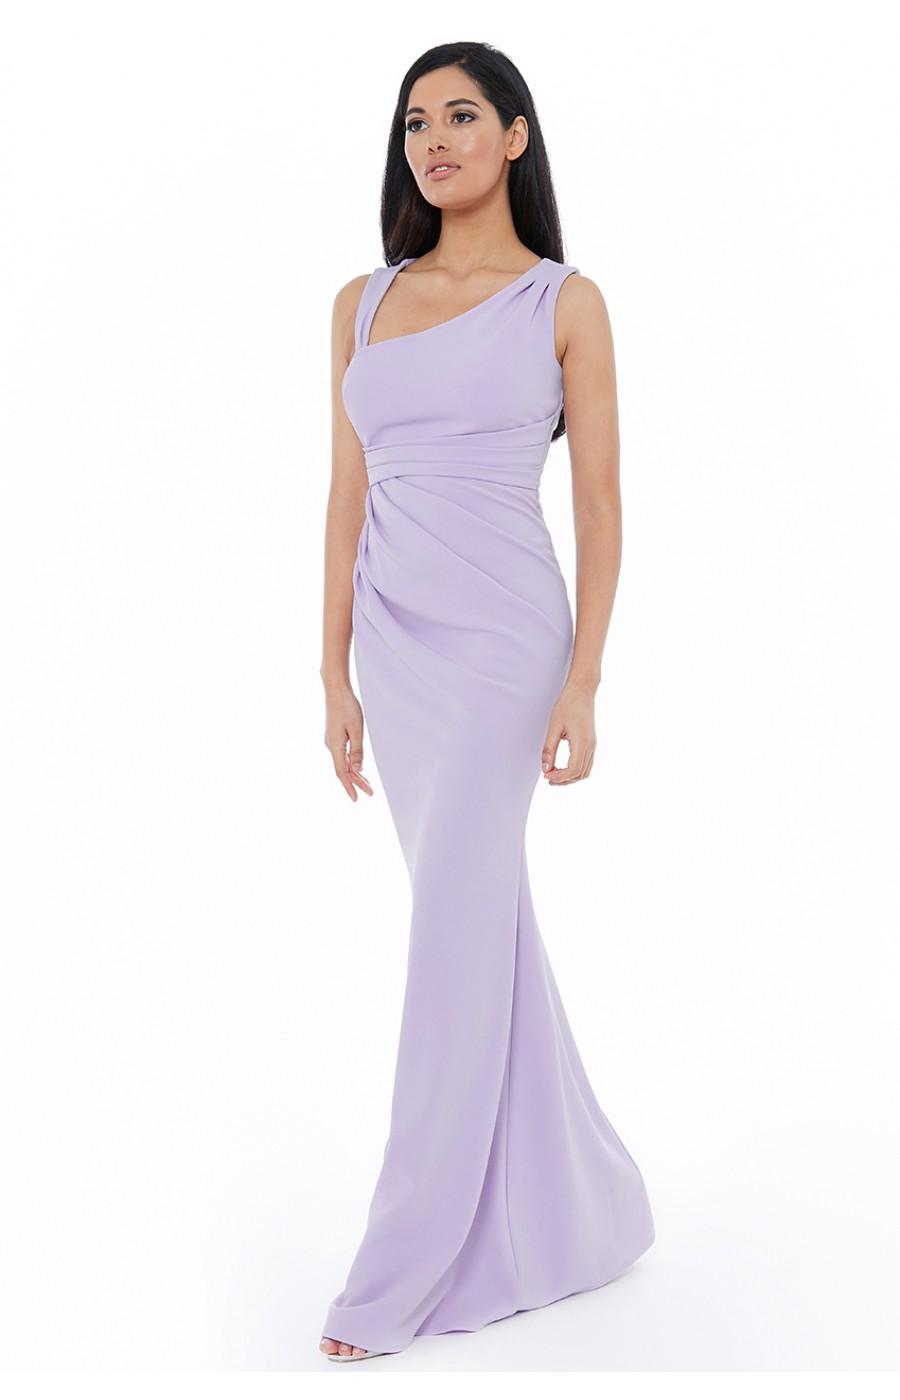 Μακρύ φορεμα με ασύμετρο ντεκολτέ στο χρώμα της λεβαντας